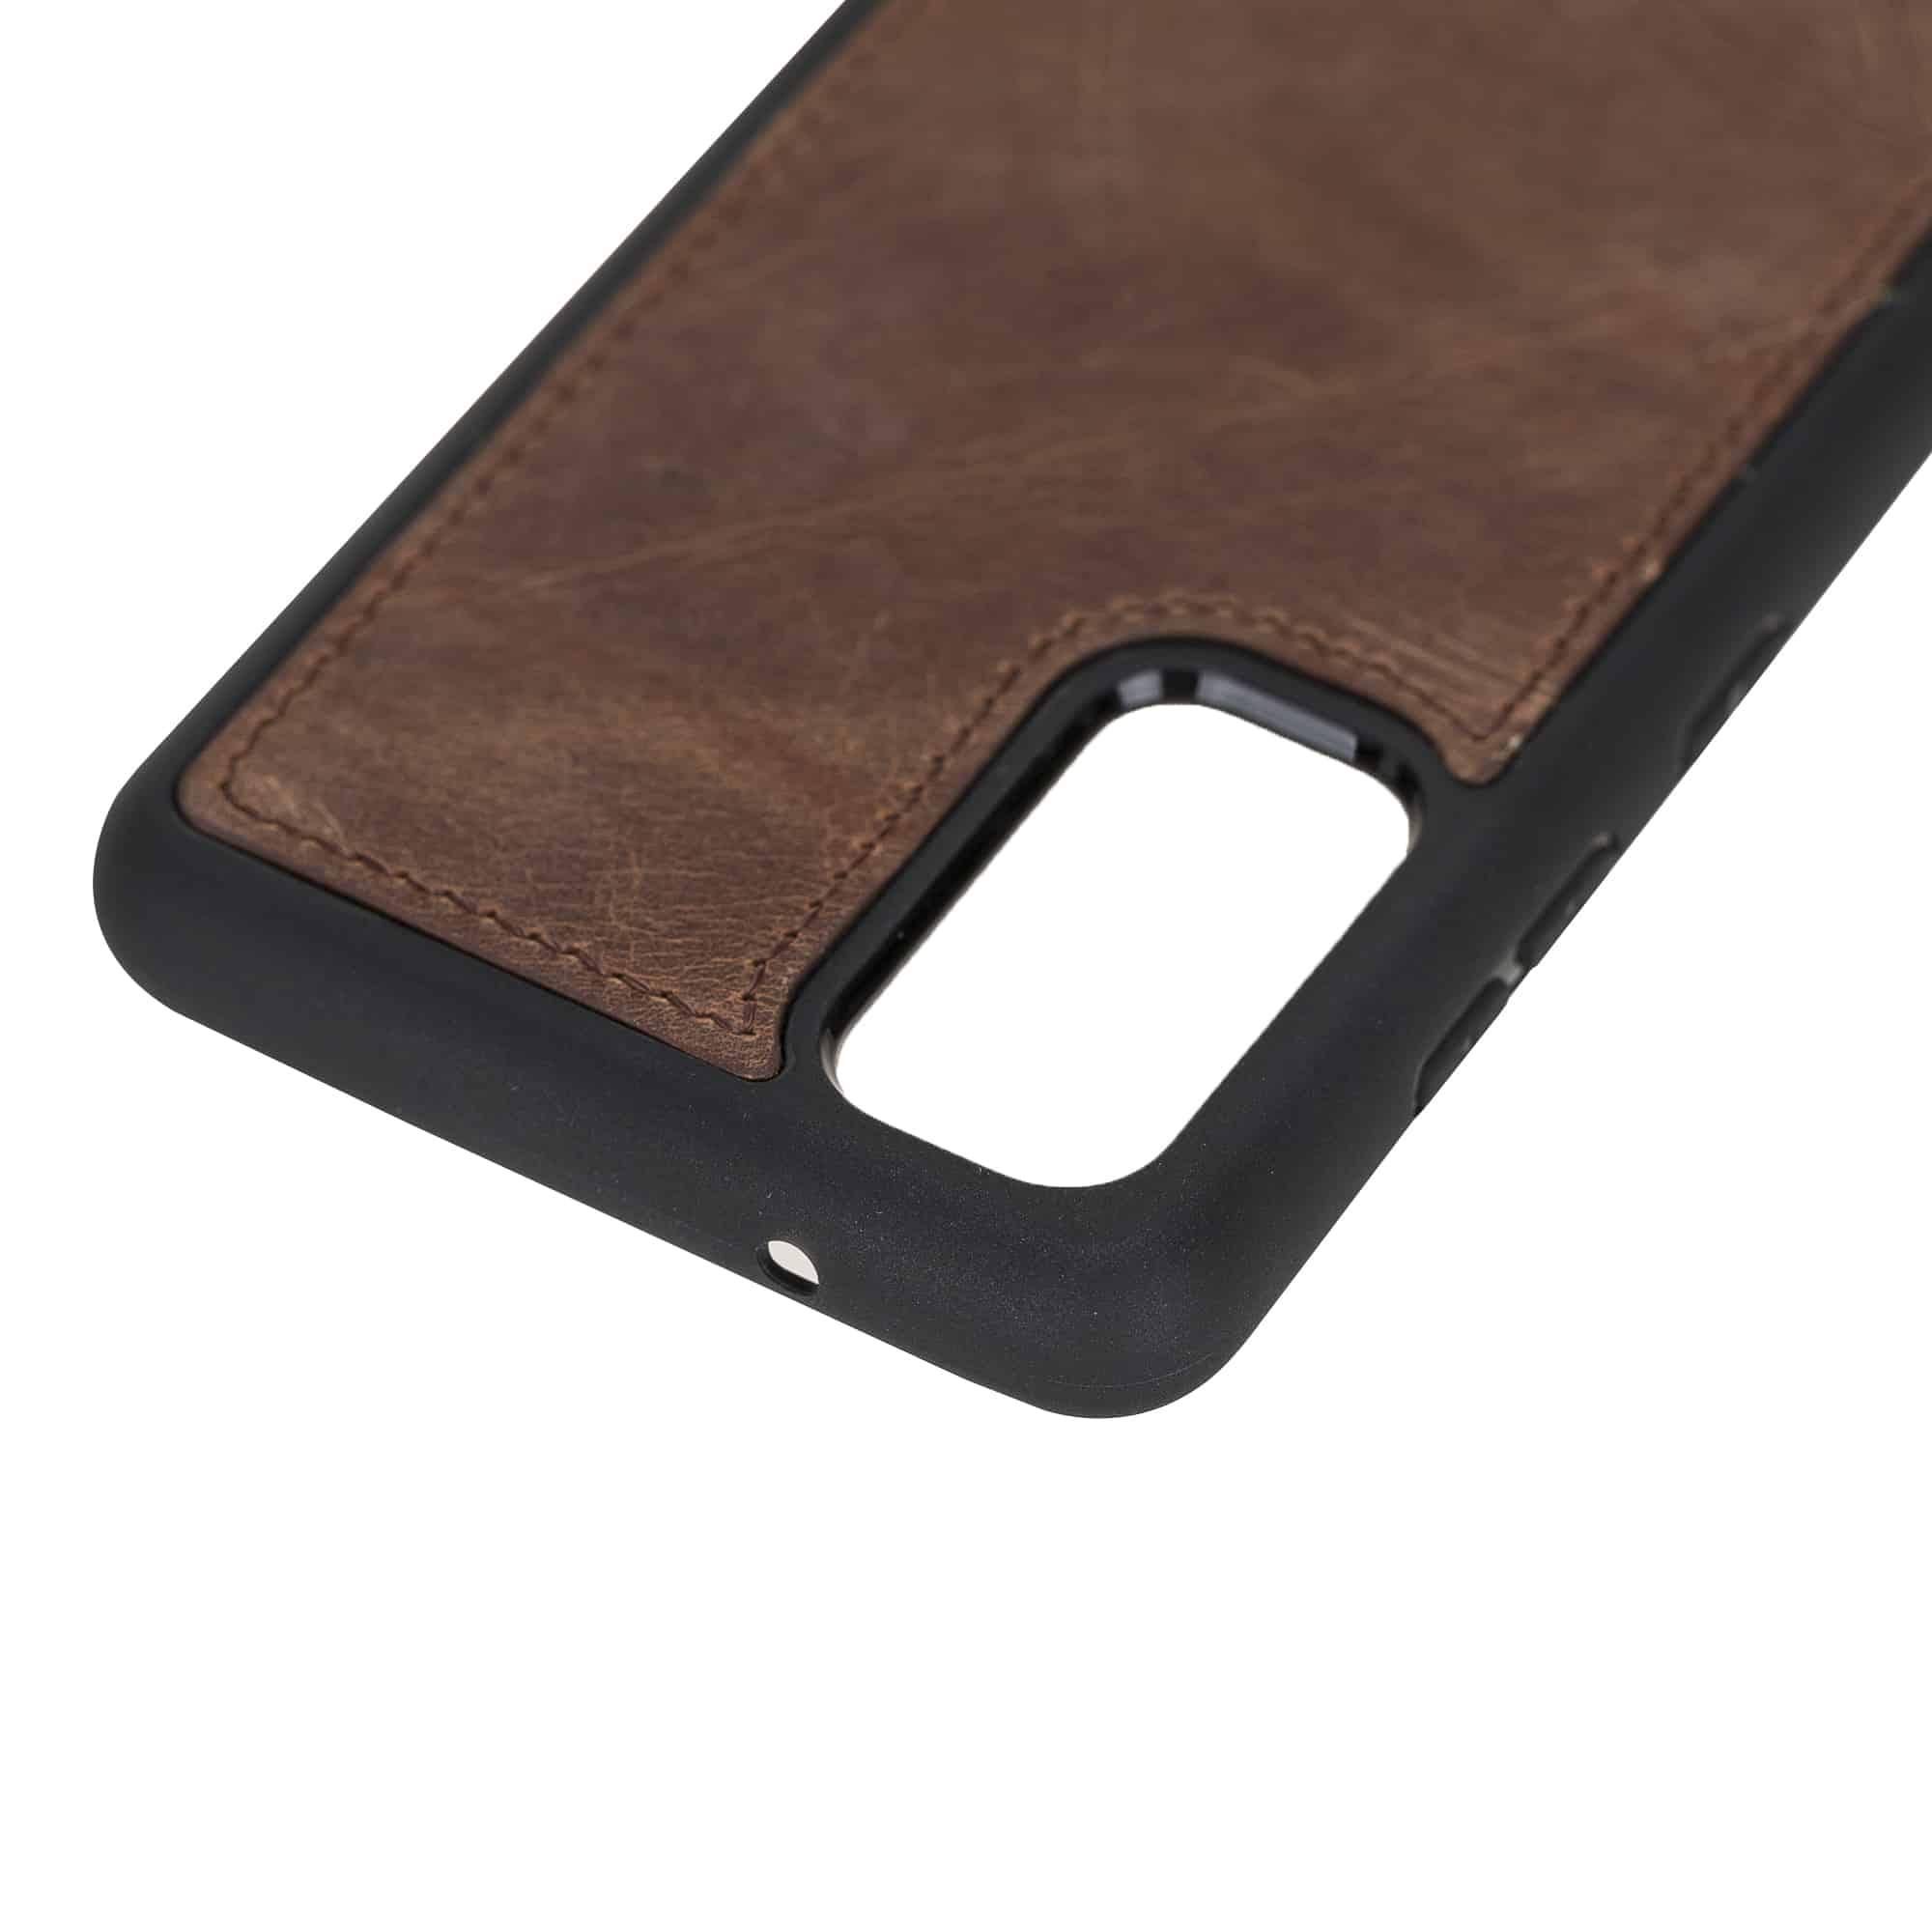 Solo Pelle Lederhülle für das Samsung Galaxy Note20   Note 20 Hülle aus echtem Leder, Model: Stanford (Vintage Braun)